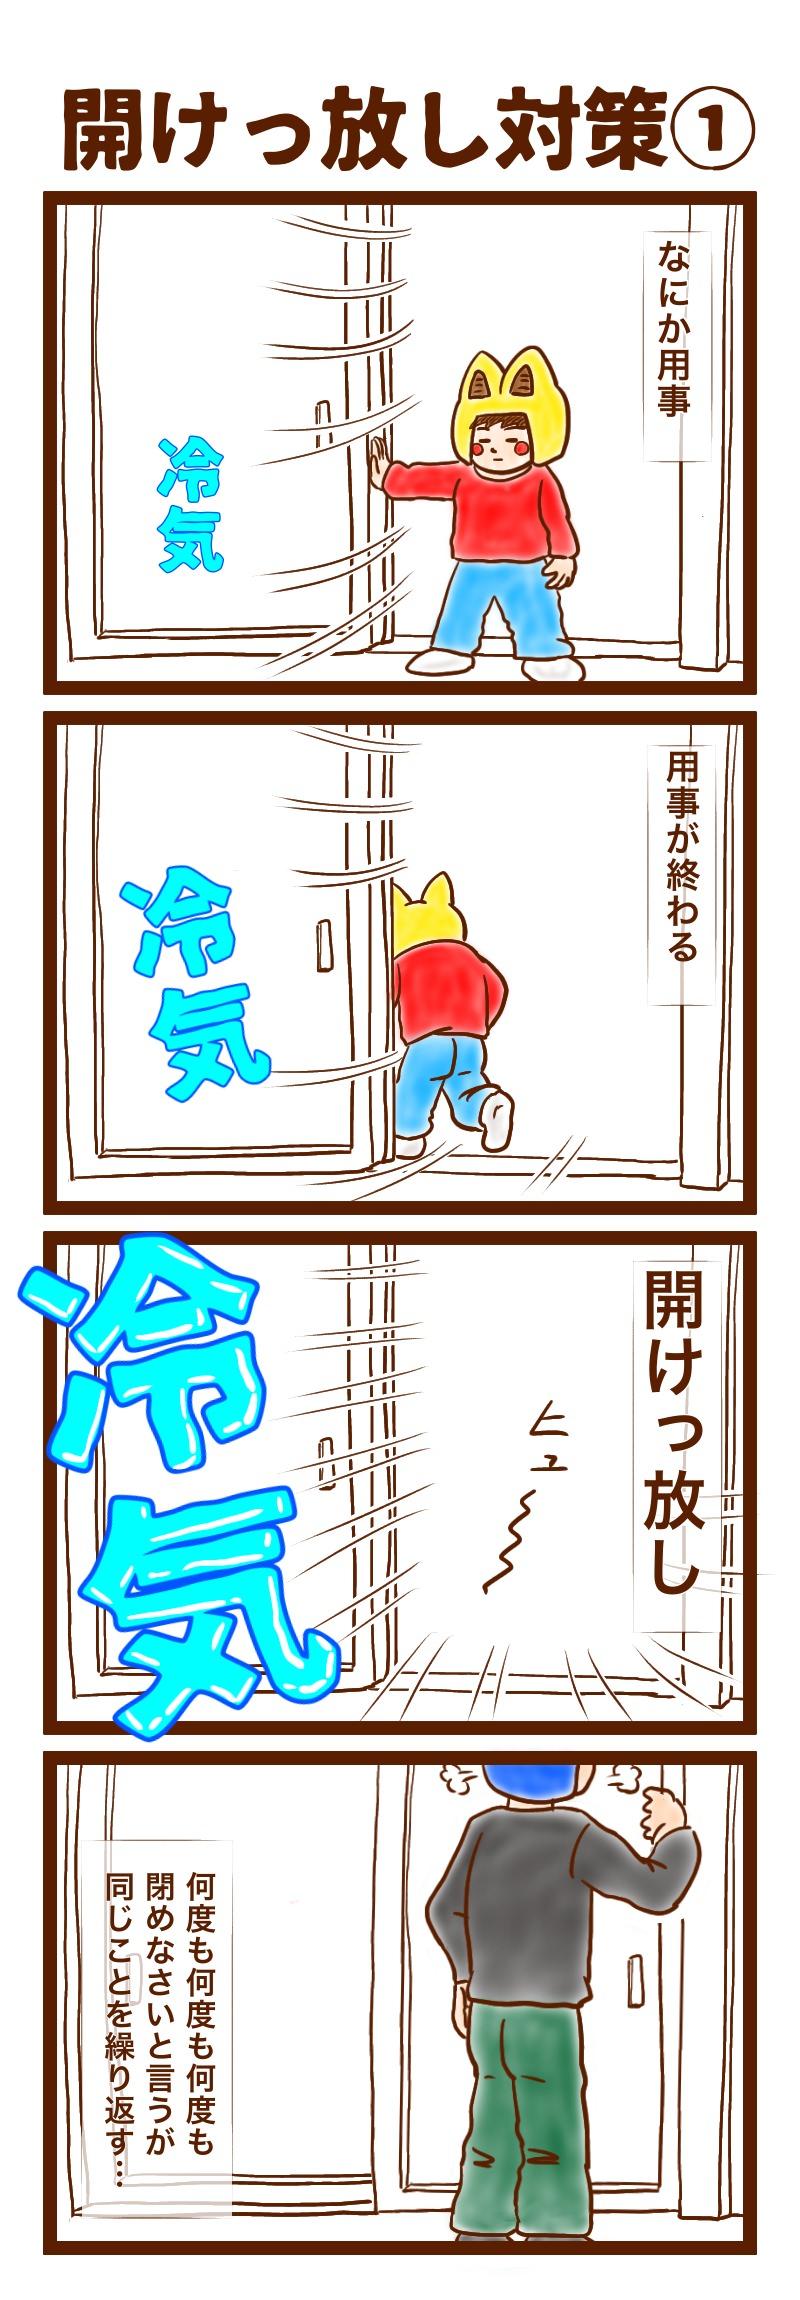 開けっ放し①